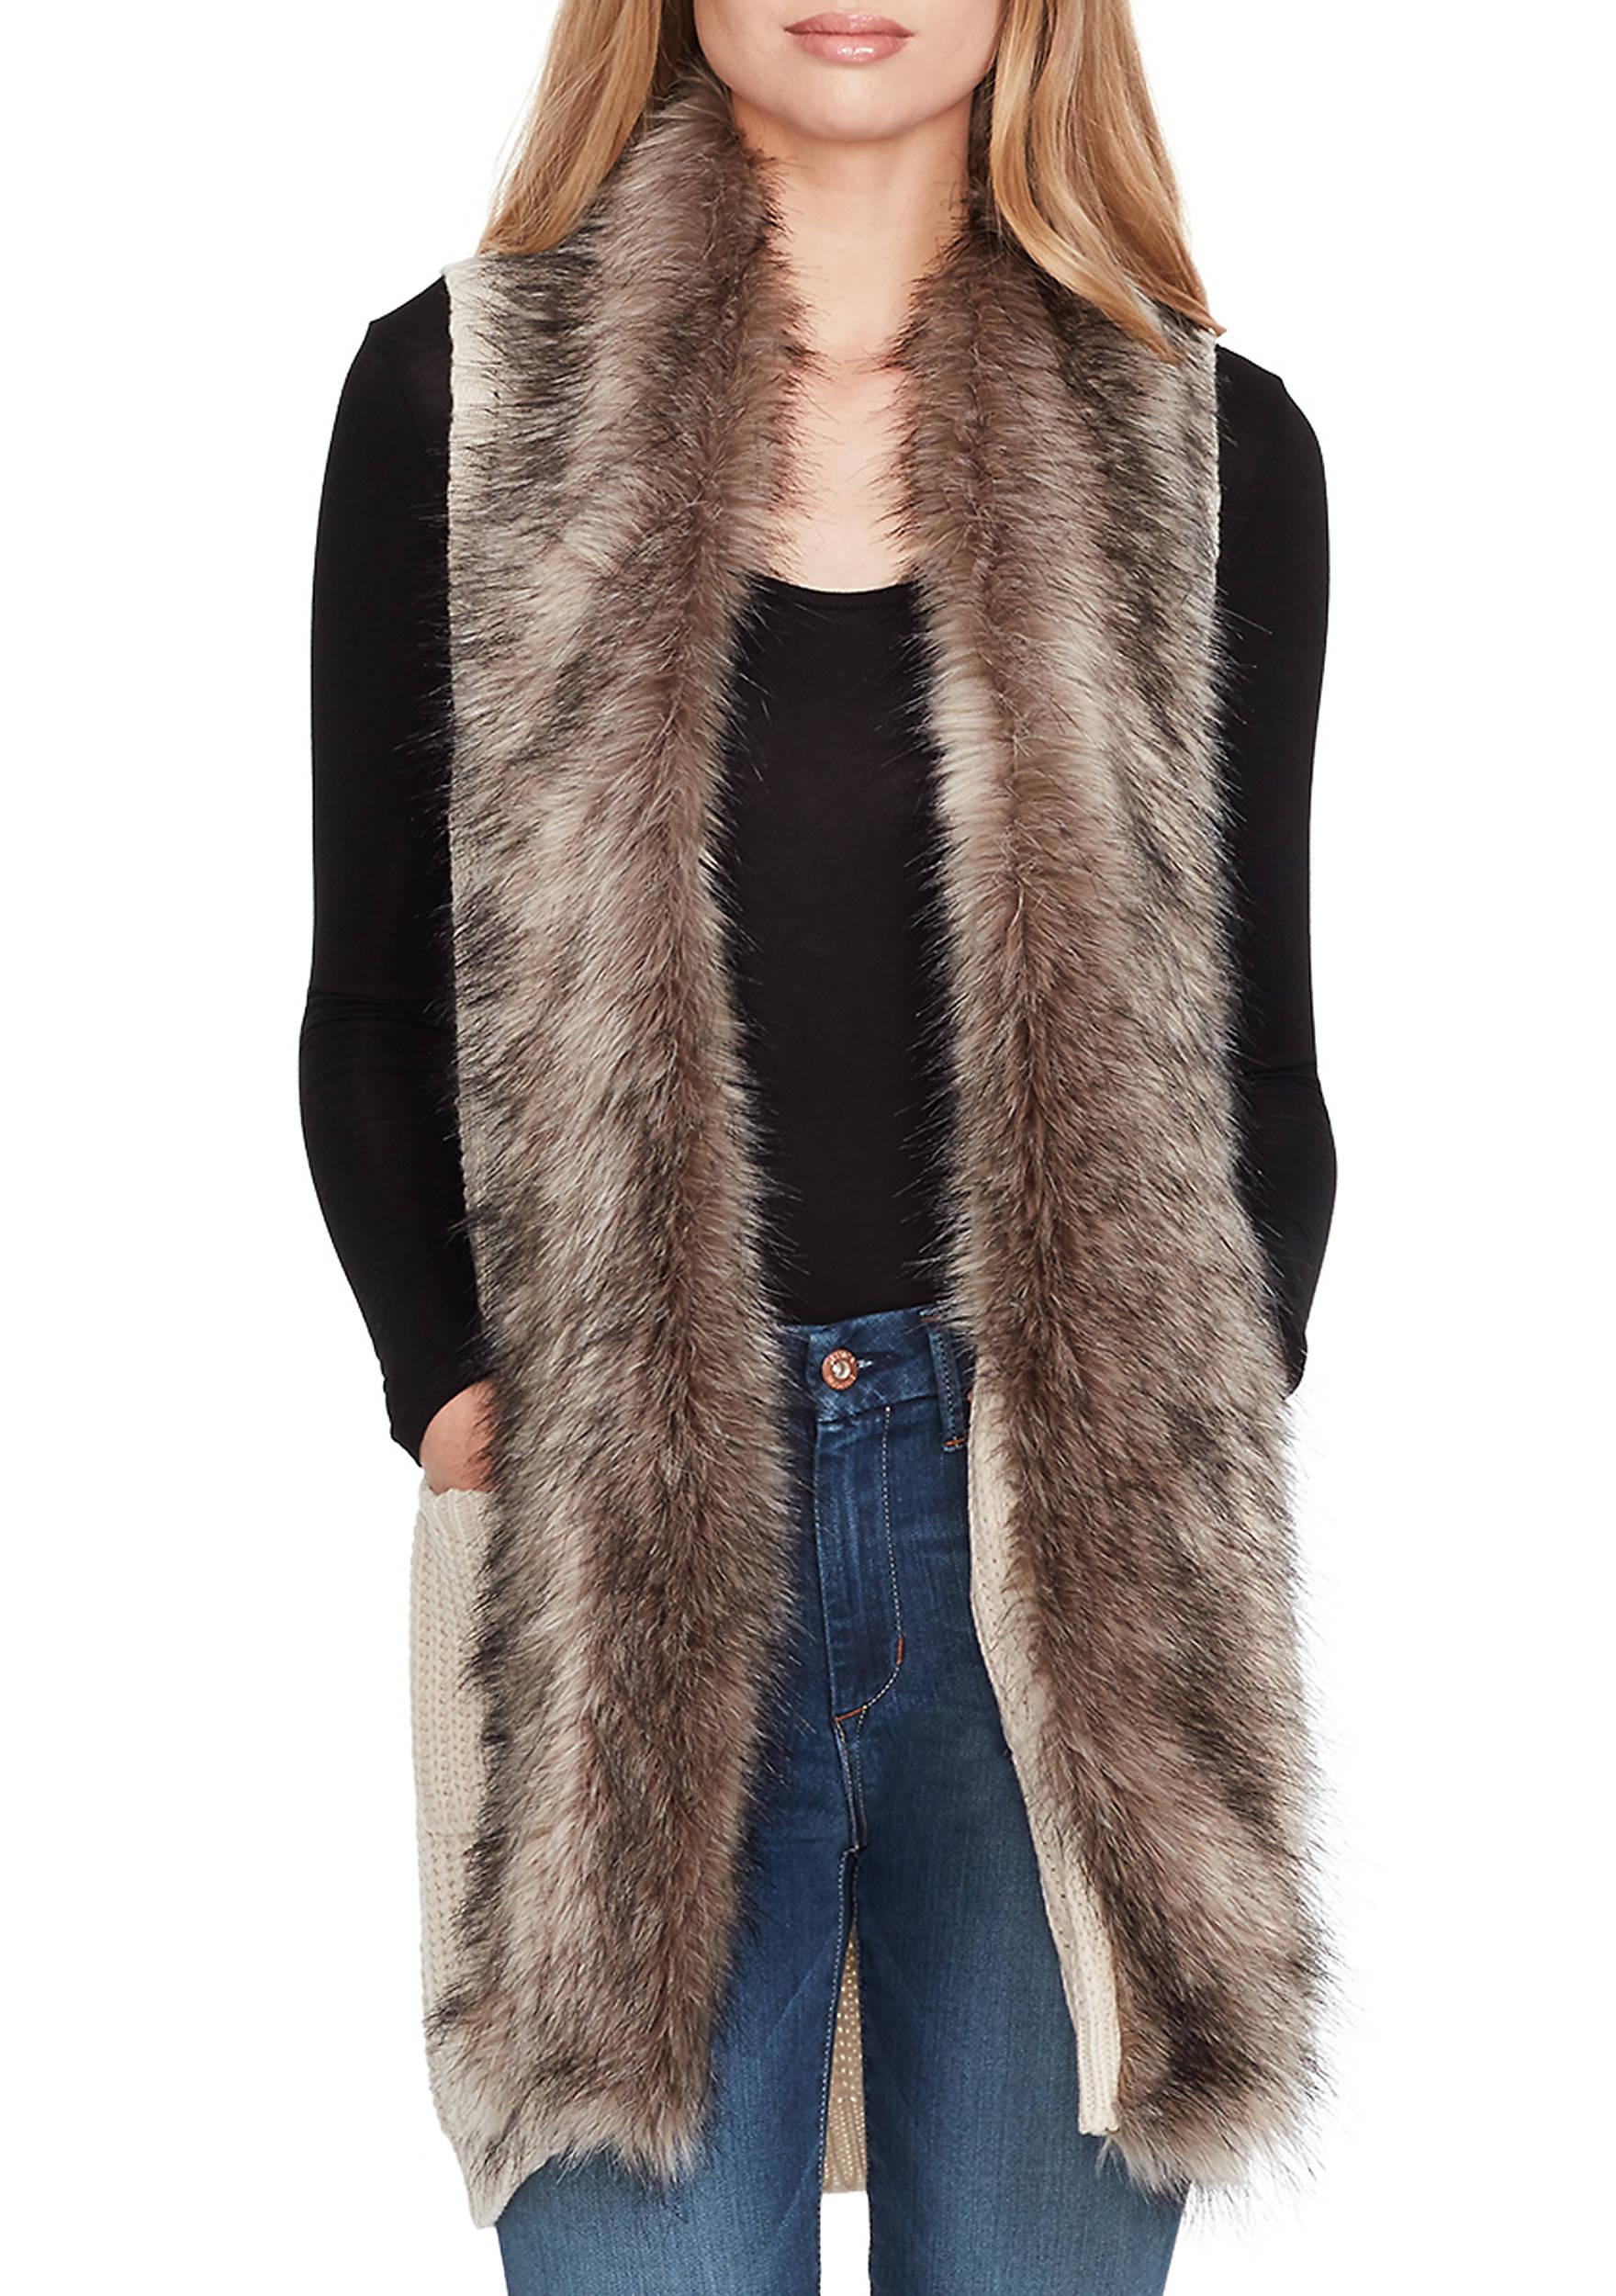 Women's Sweater Vests   belk